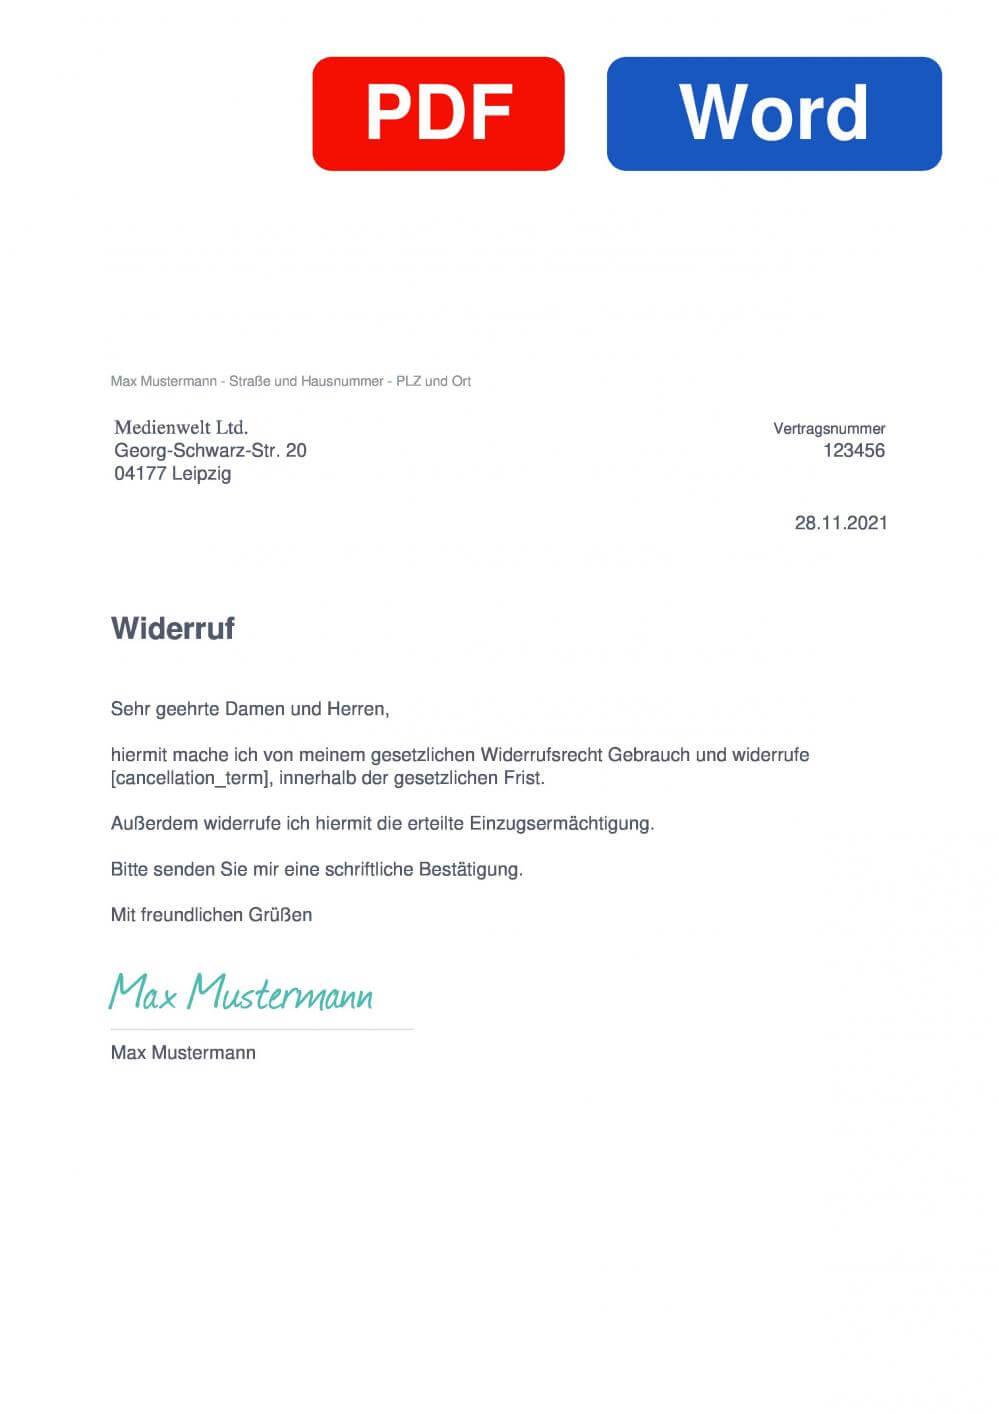 Medienwelt Ltd. Muster Vorlage für Wiederrufsschreiben